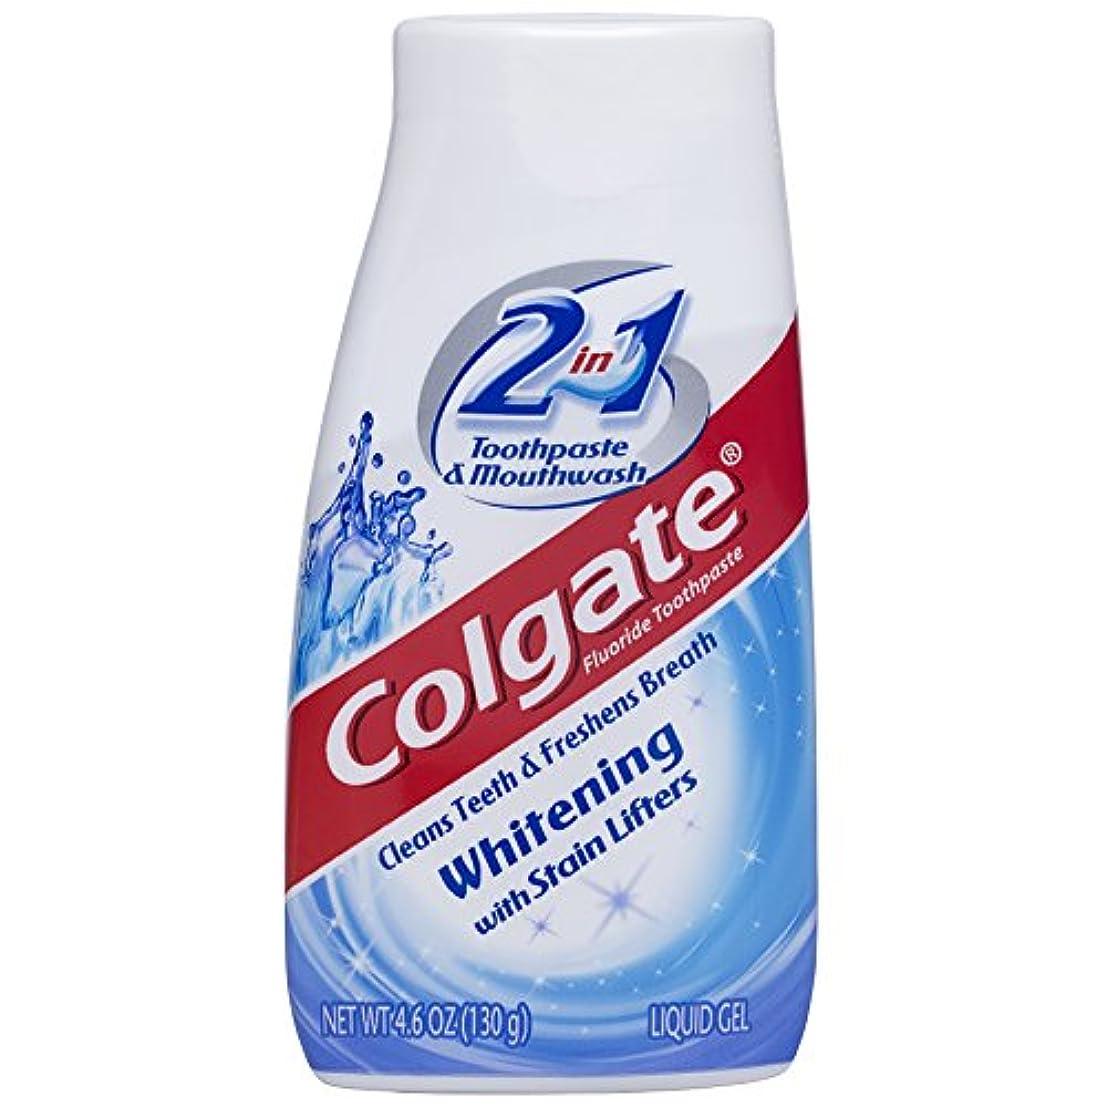 デジタル真面目な乏しい海外直送品Colgate 2 In 1 Toothpaste & Mouthwash Whitening, 4.6 oz by Colgate